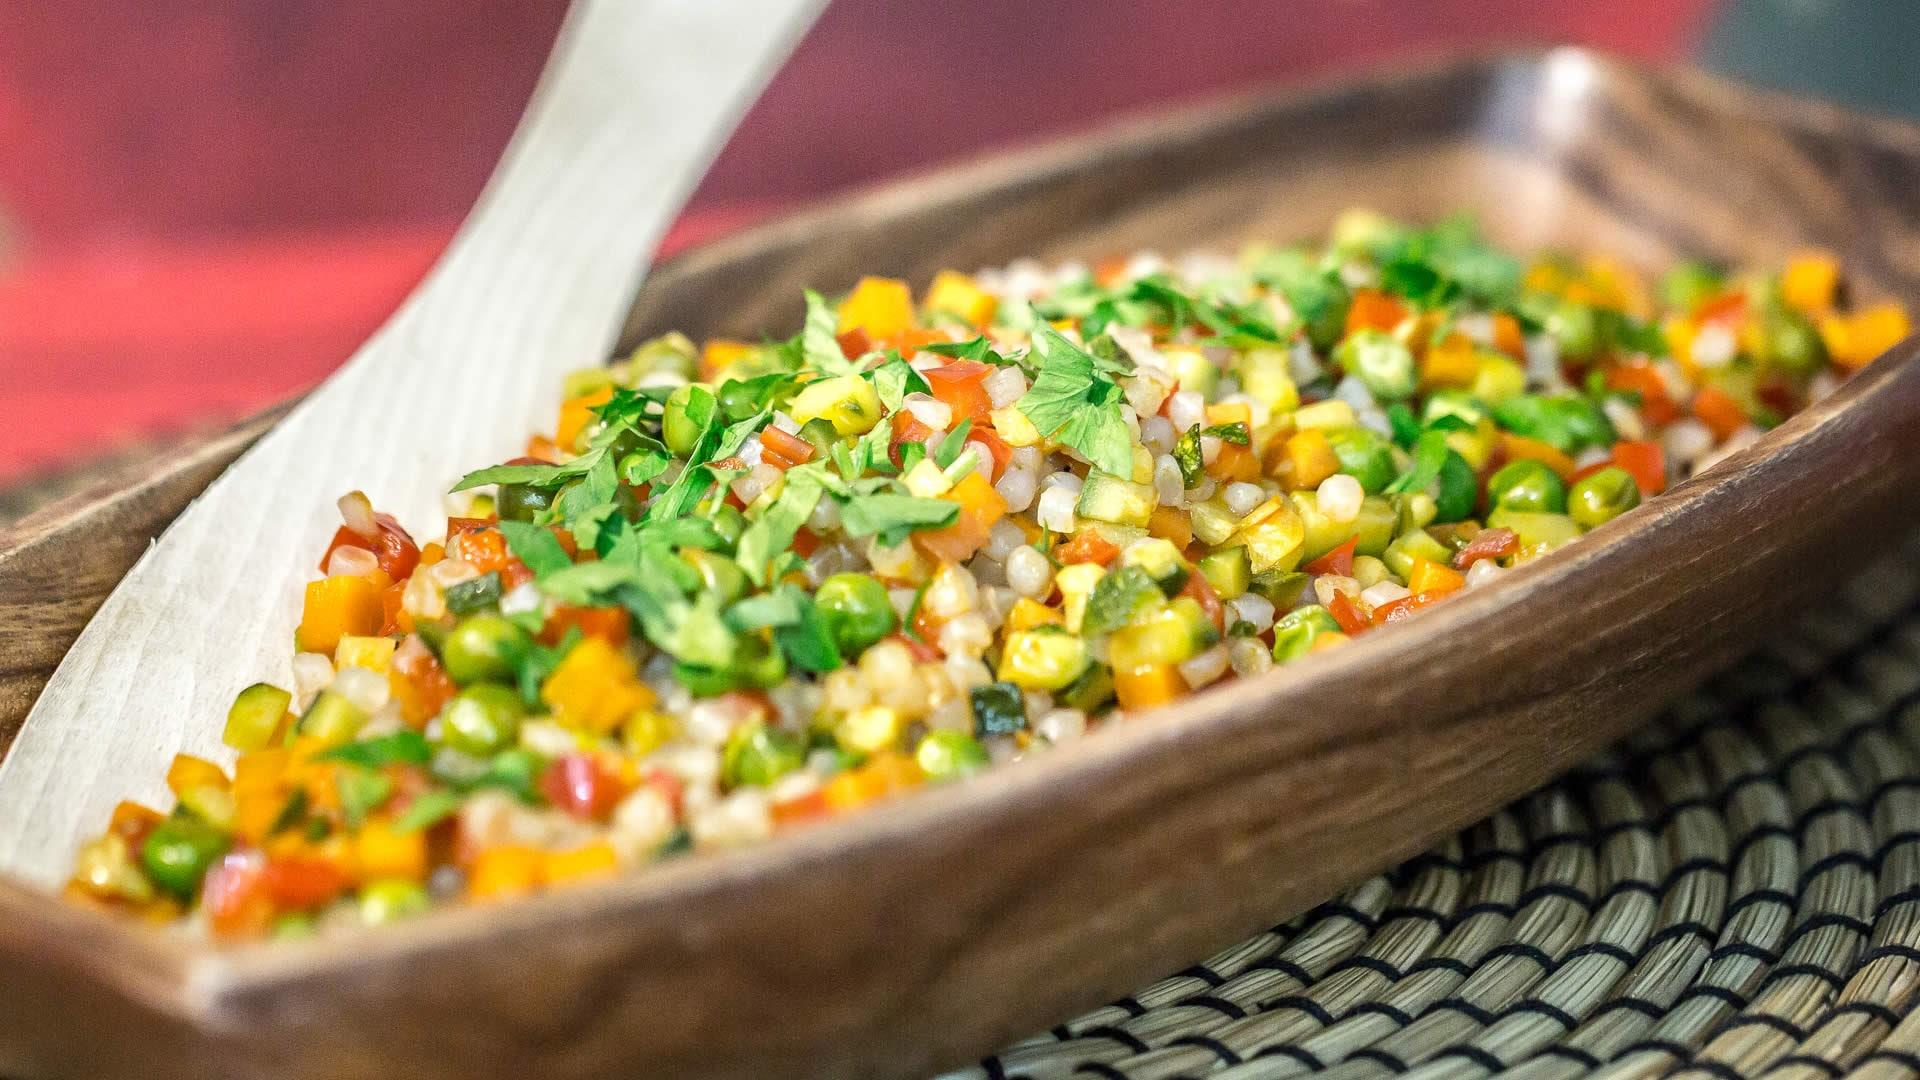 Foto Riso 5 Calorie - Risino di Konjac con Verdure